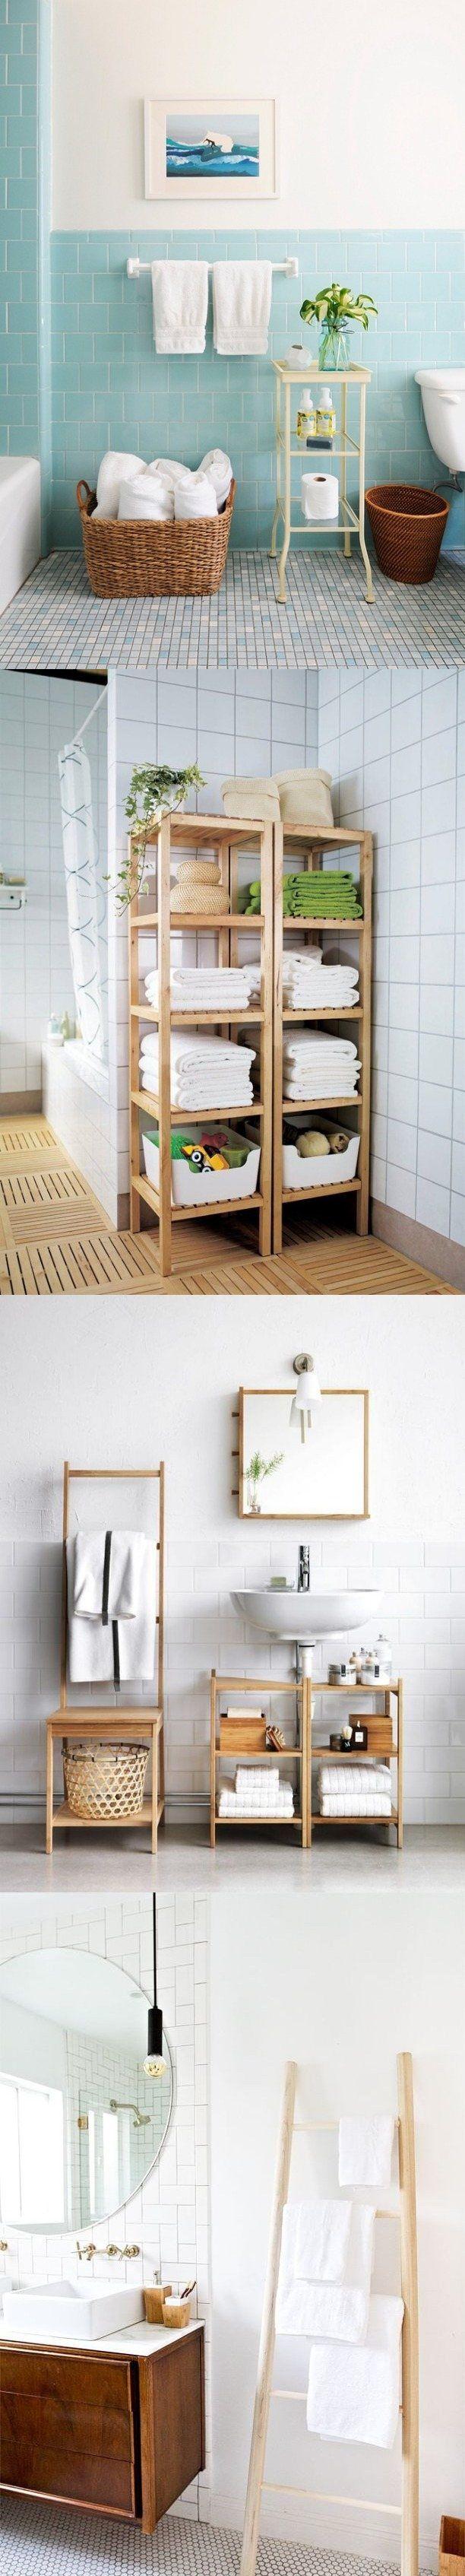 6 ideas para organizar tu baño / https://proyectos.habitissimo.es